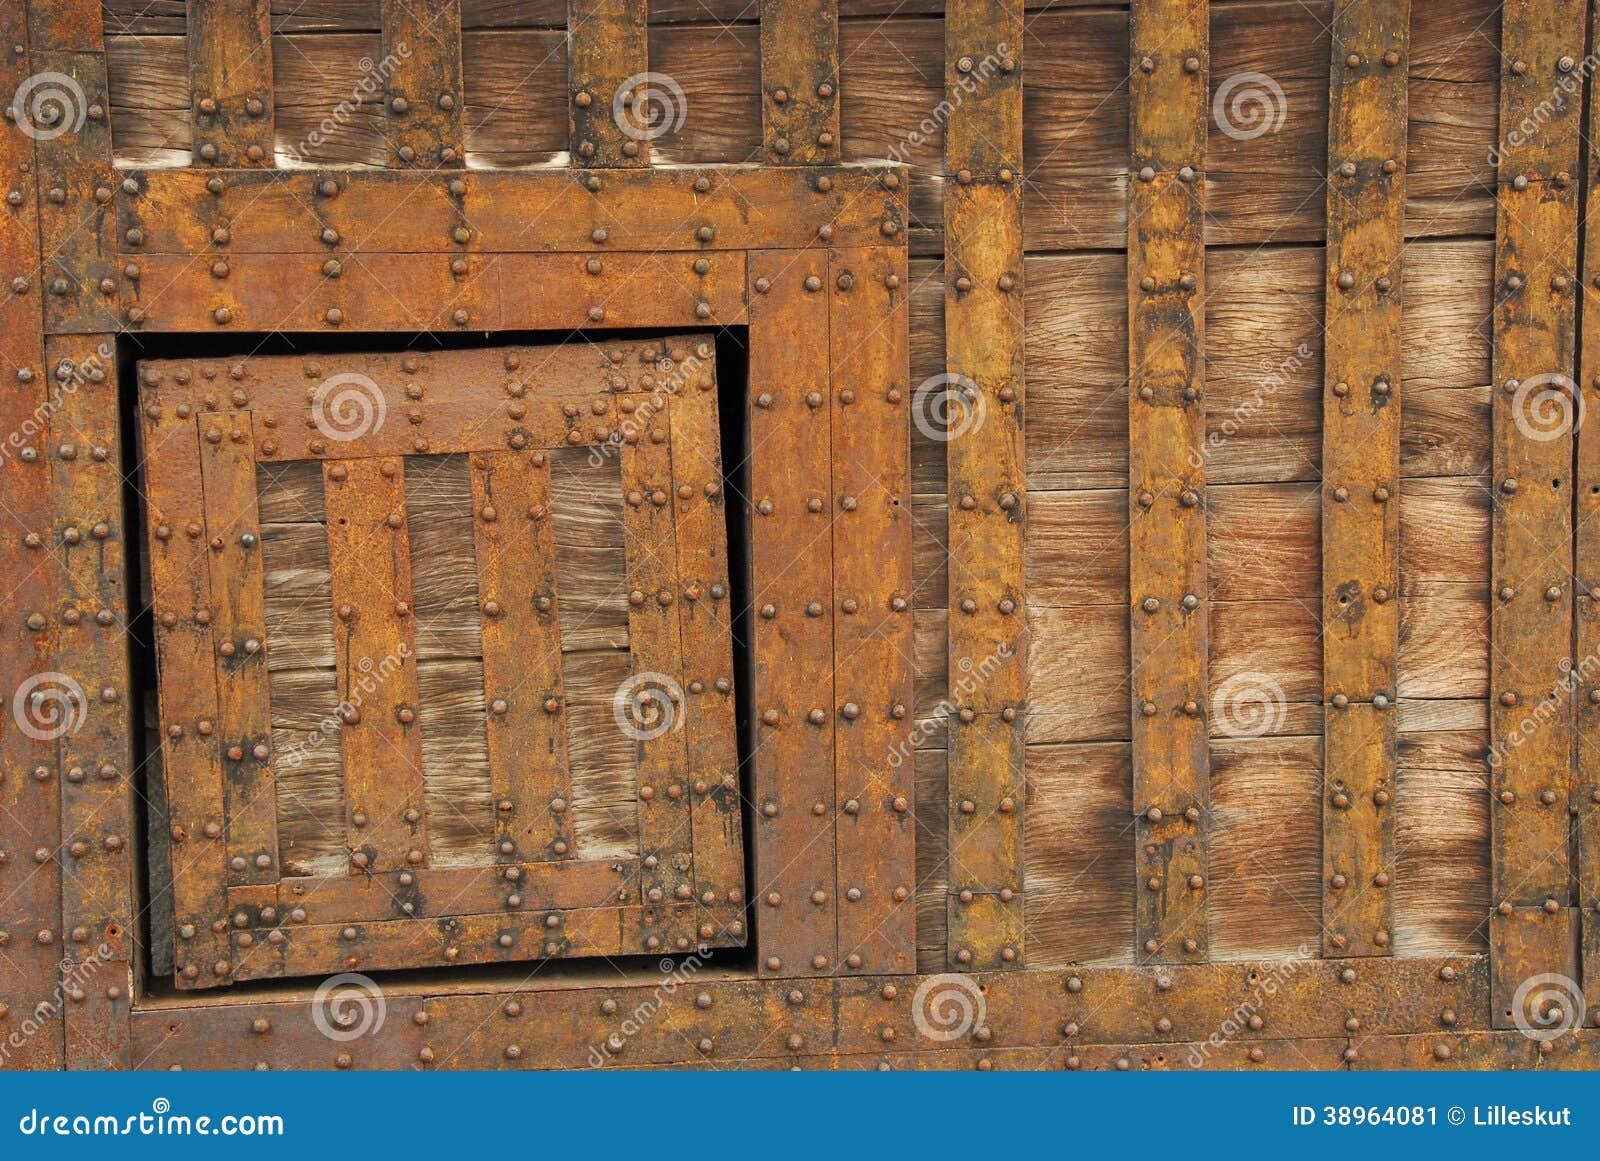 Porte japonaise image stock image du blocage vieux for Porte japonaise